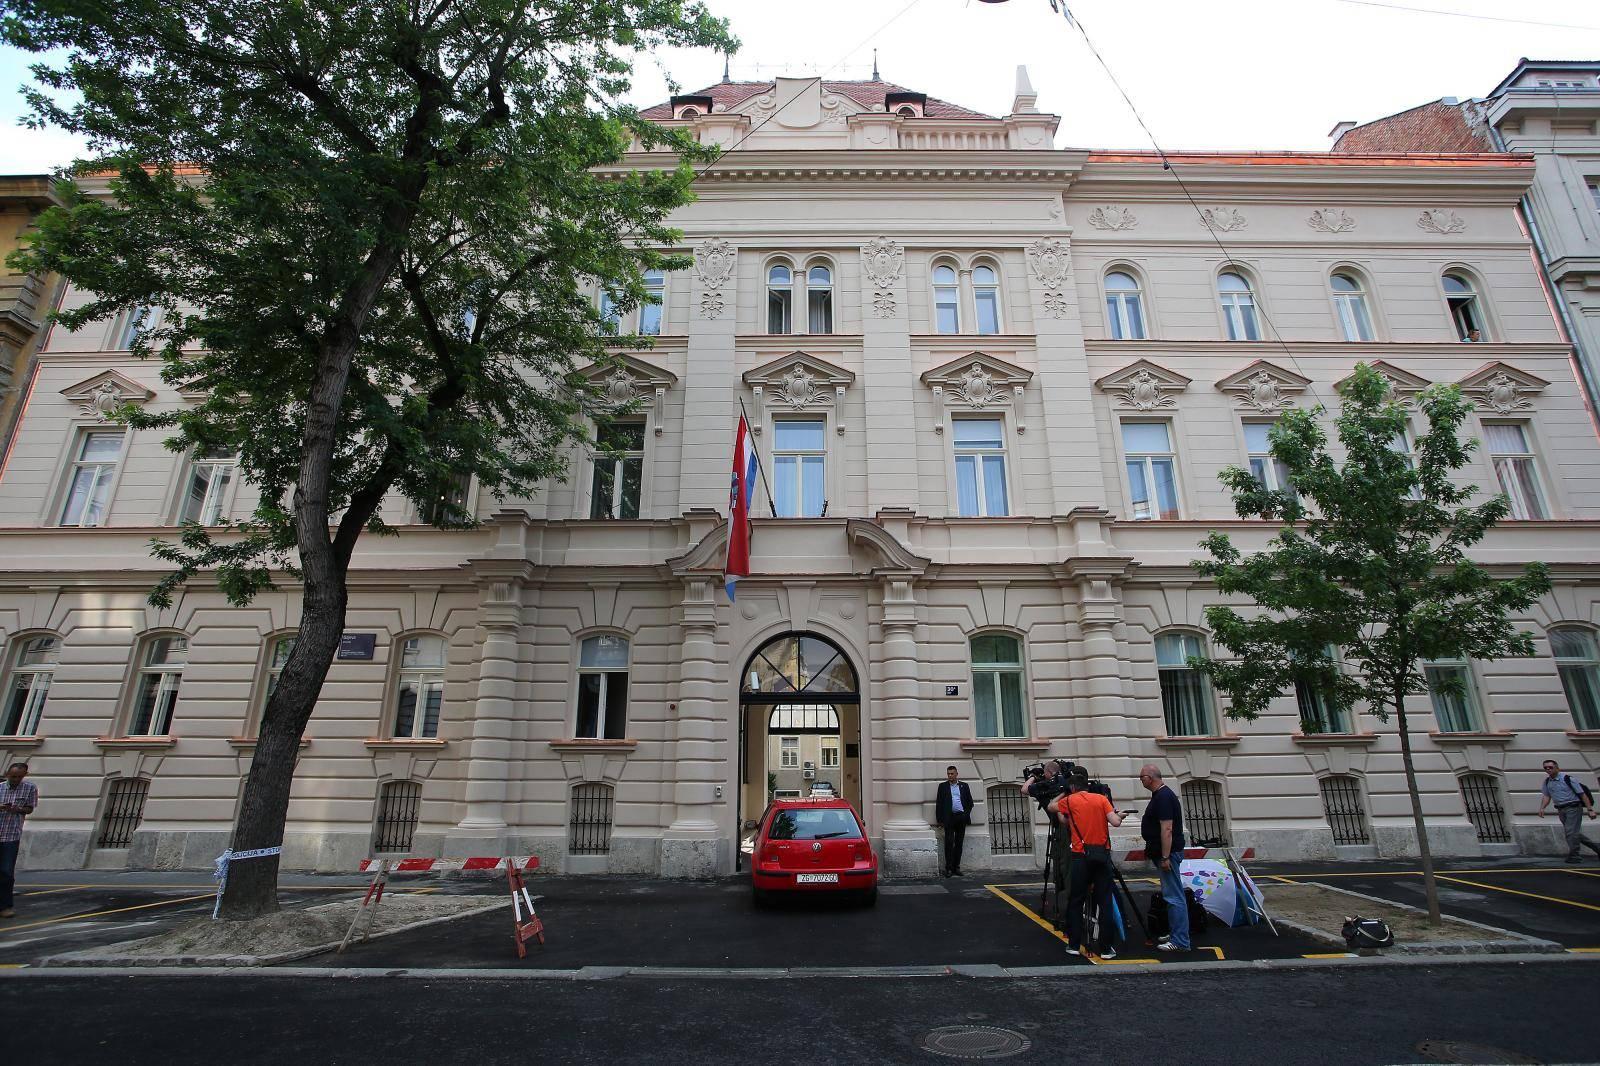 Uskok: Preko kredita i leasinga prevarili banke za 1,6 mil. kuna